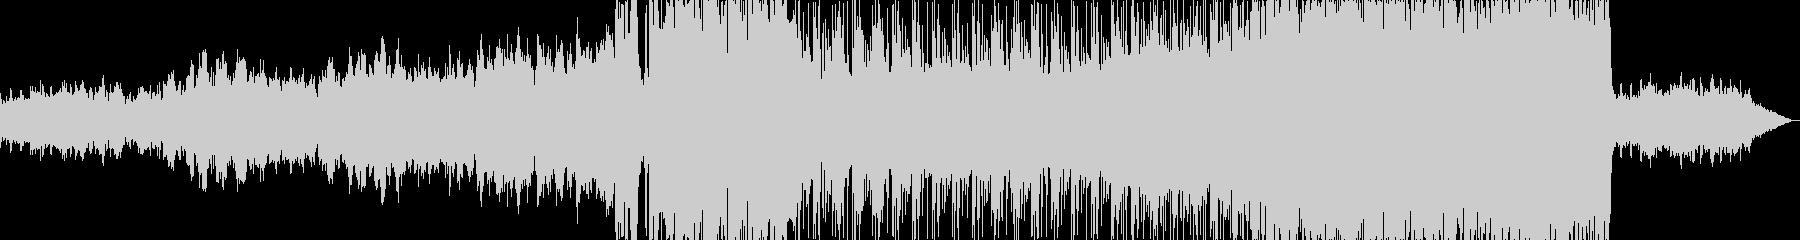 ピアノが印象的な寂しい雰囲気のバラード2の未再生の波形